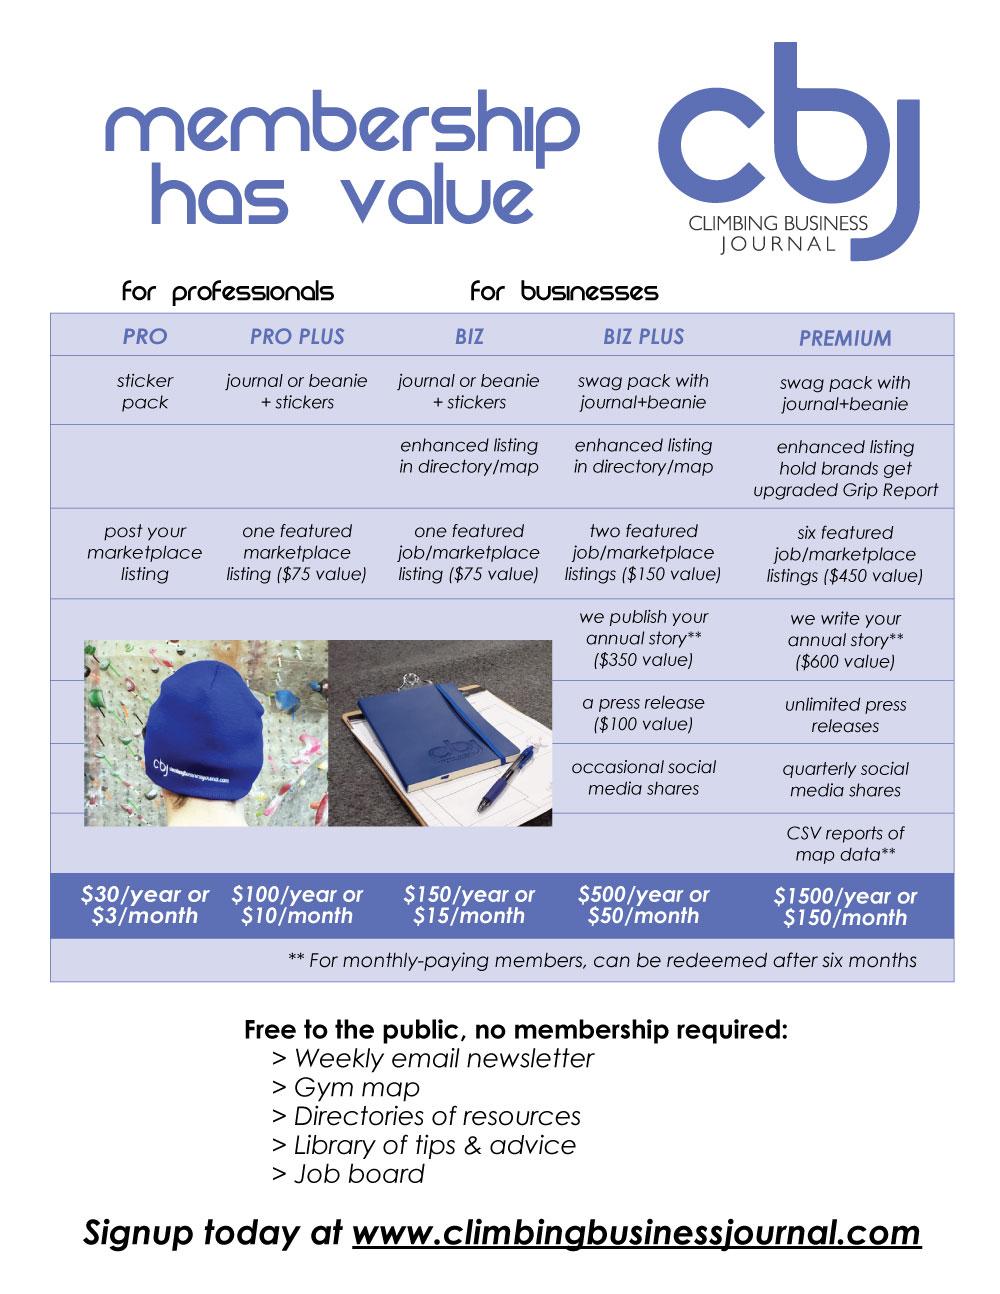 CBJ membership has value